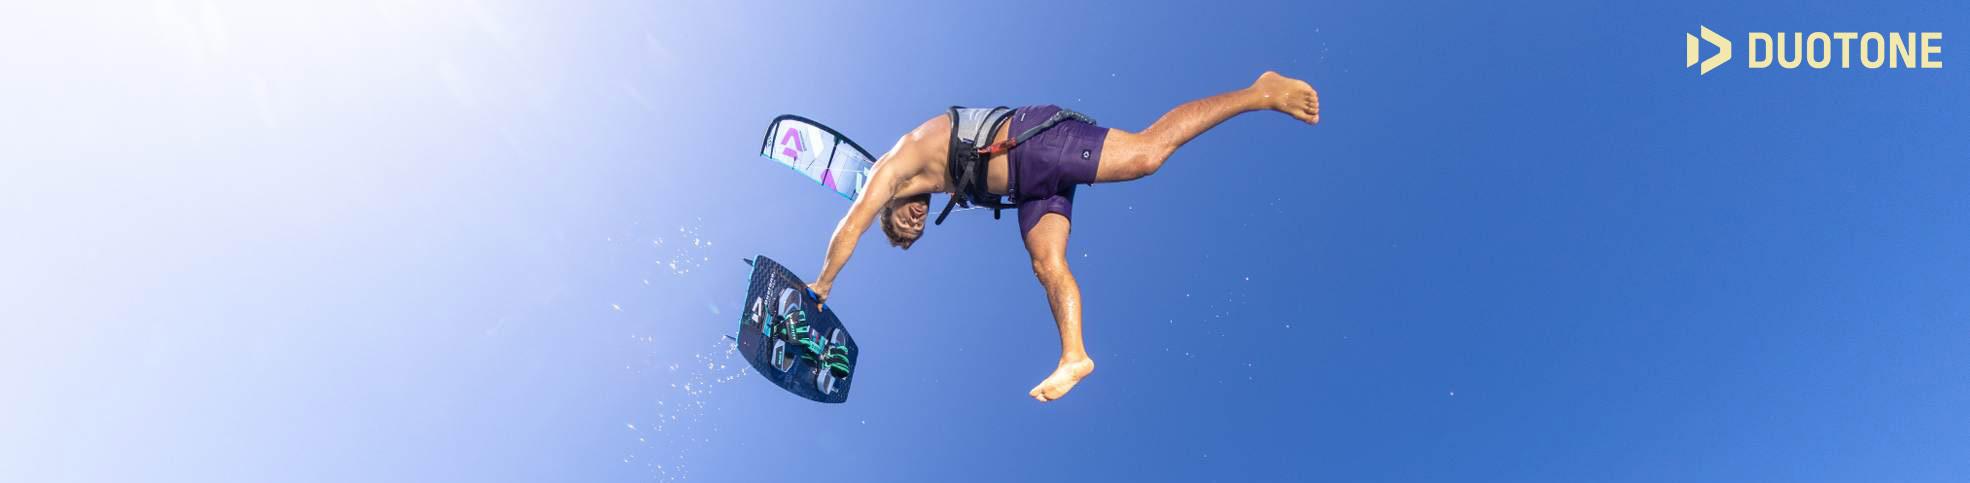 Présentation des planches de kite duotone Kiteboarding 2022, les twintip gamme SLS et gamme Originale